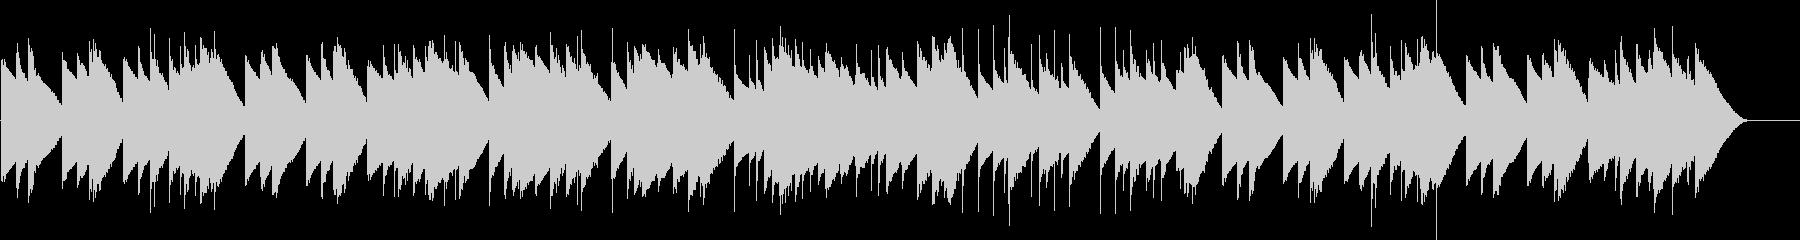 婚礼の合唱 long (オルゴール)の未再生の波形